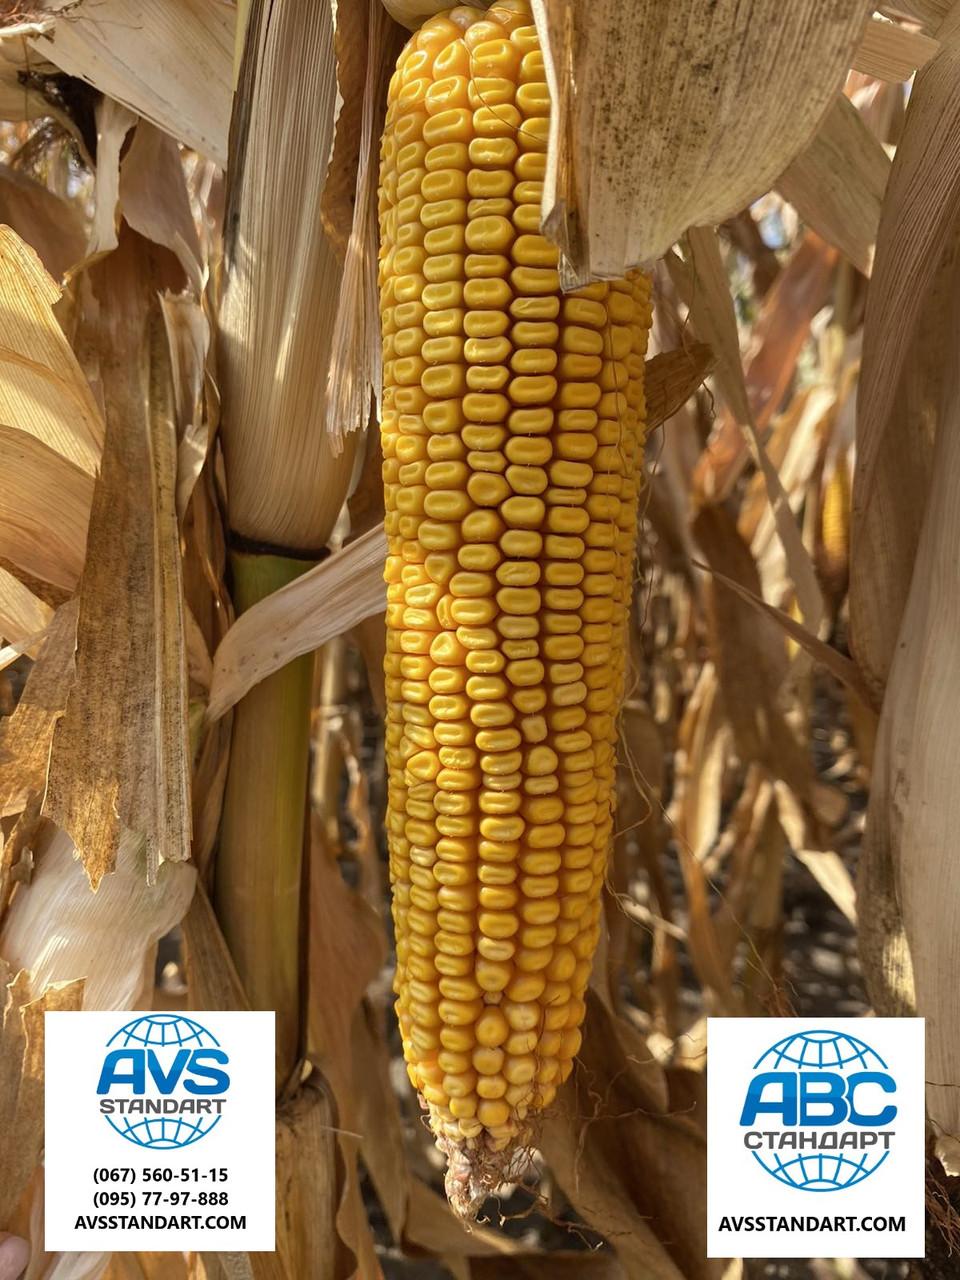 Гібрид кукурудзи АНДРЕС ФАО 350 врожайність 130ц / га аналог ДКС 4351. Стійкий посуха хвороби шкідники 9 балів. В наявності моємо всі фракції, у фірмових мішках.